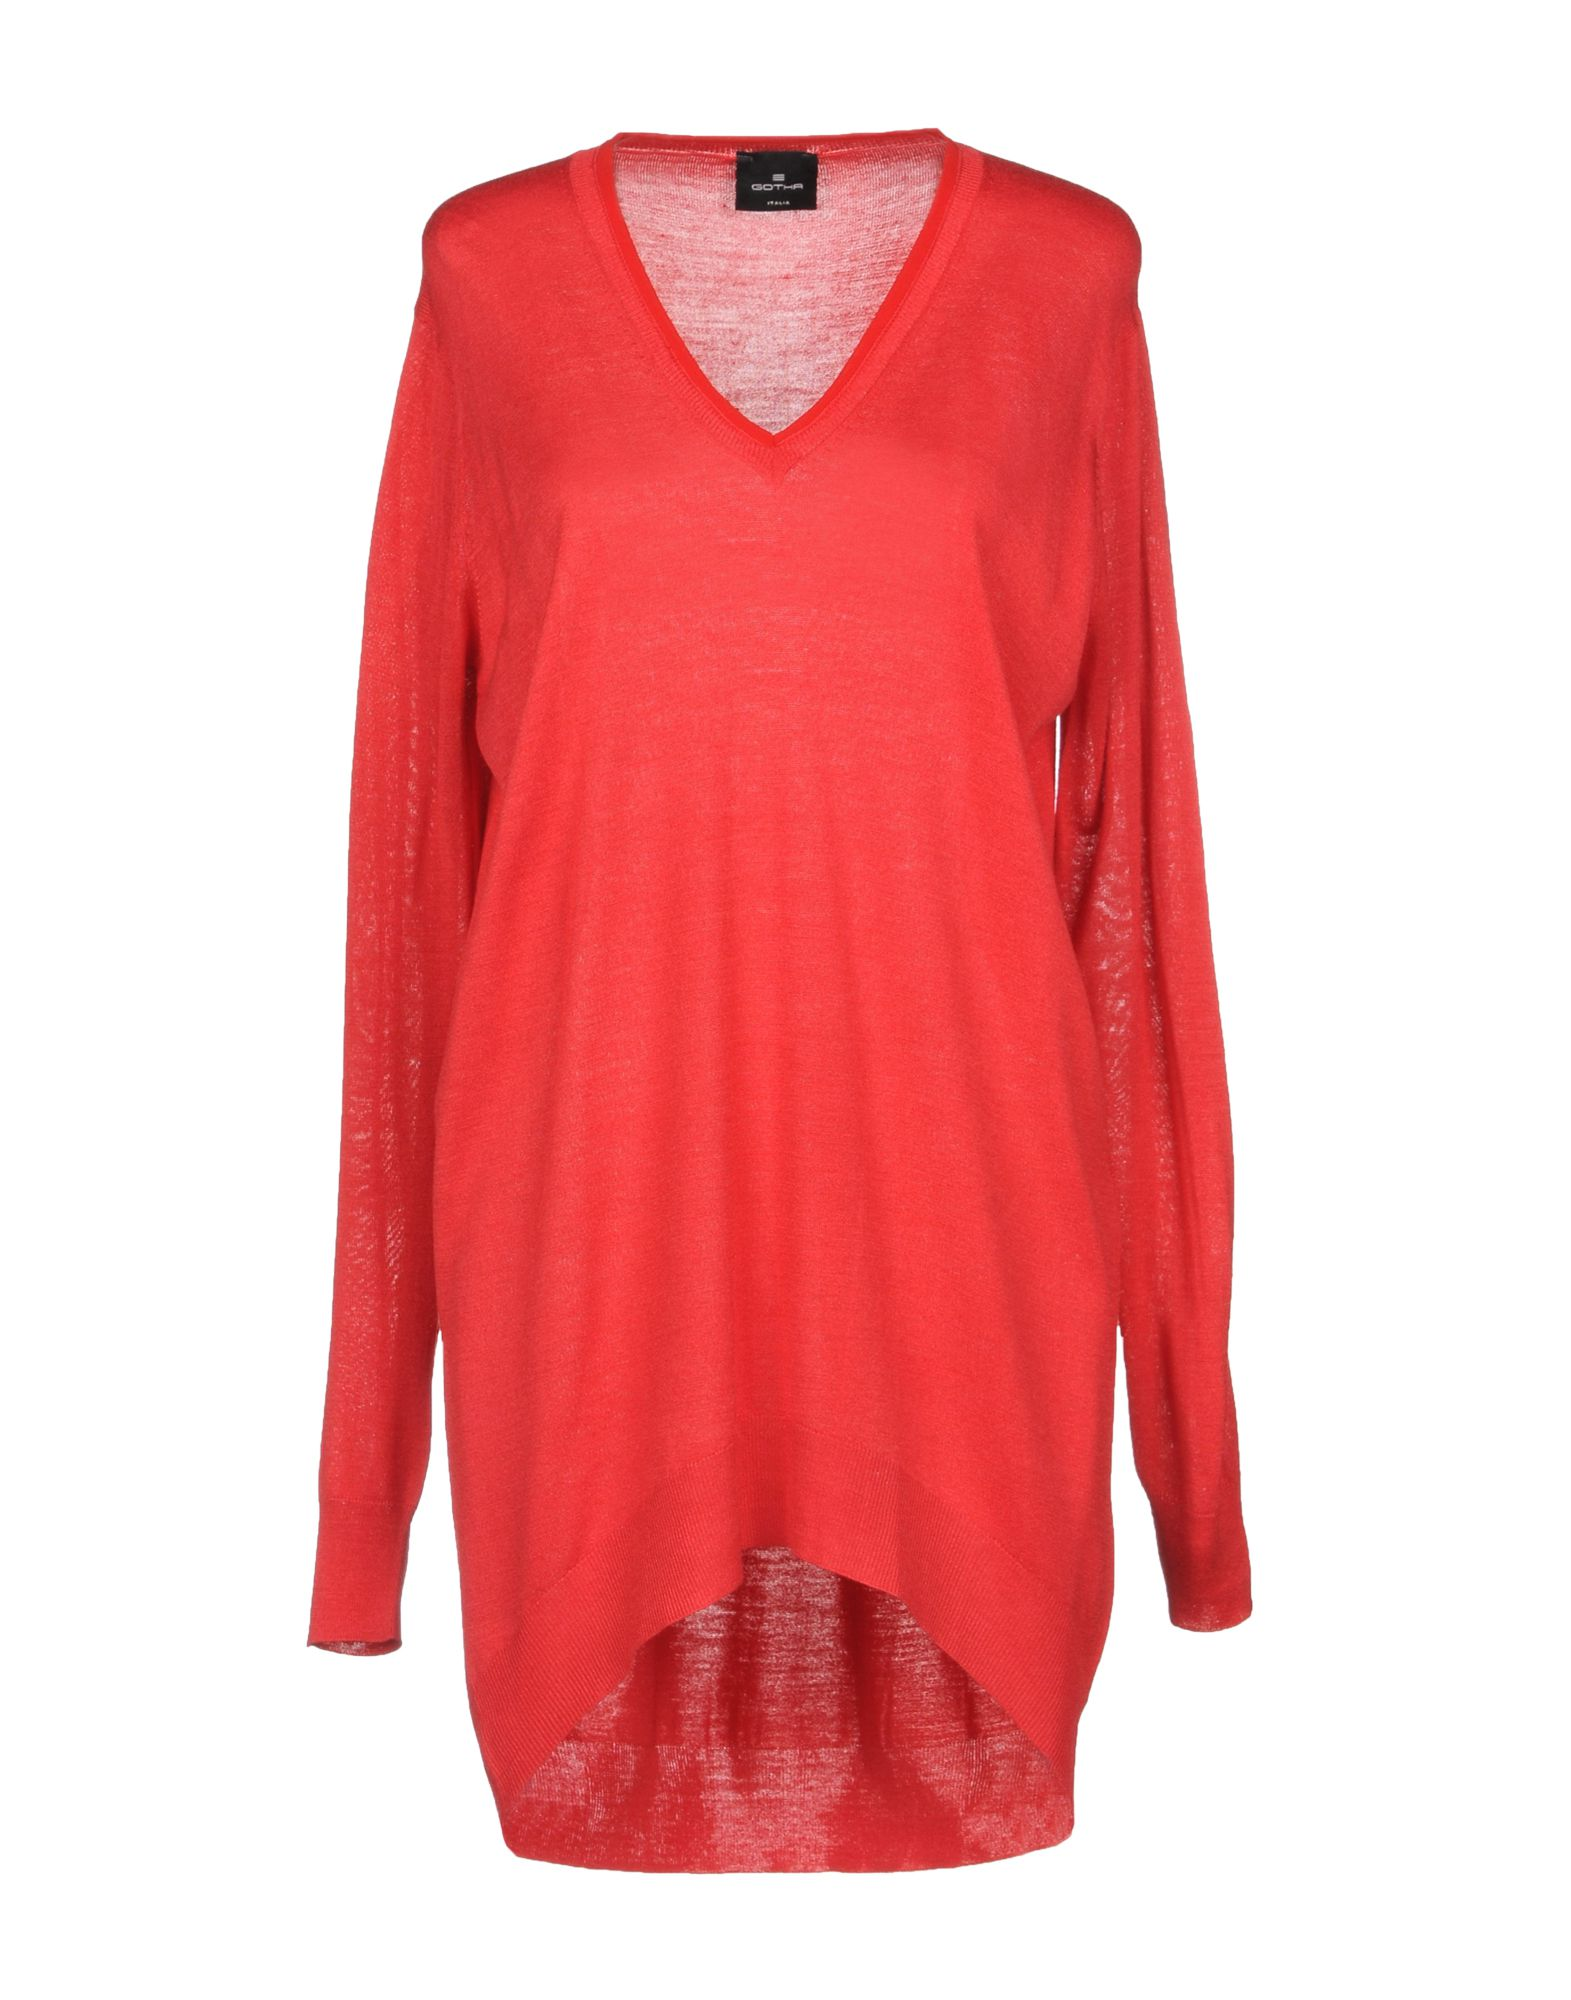 GOTHA Sweater in Red